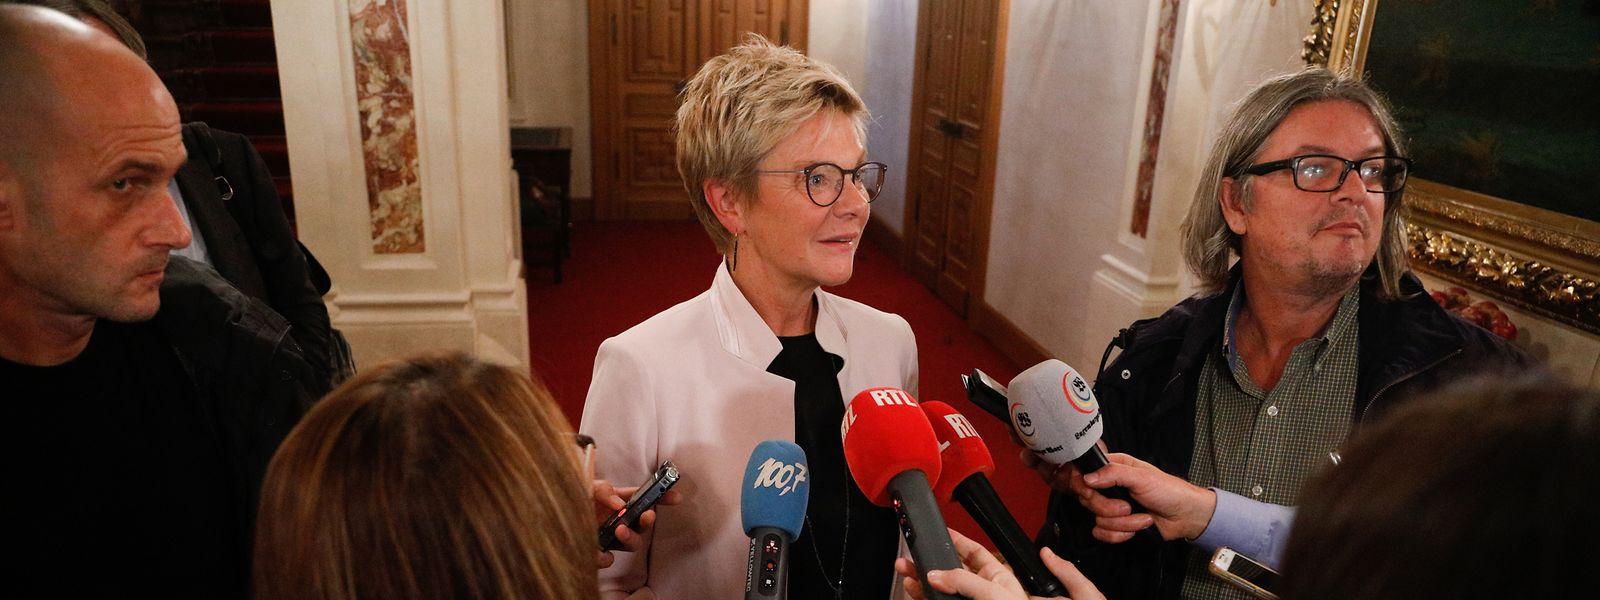 Martine Hansen, CSV